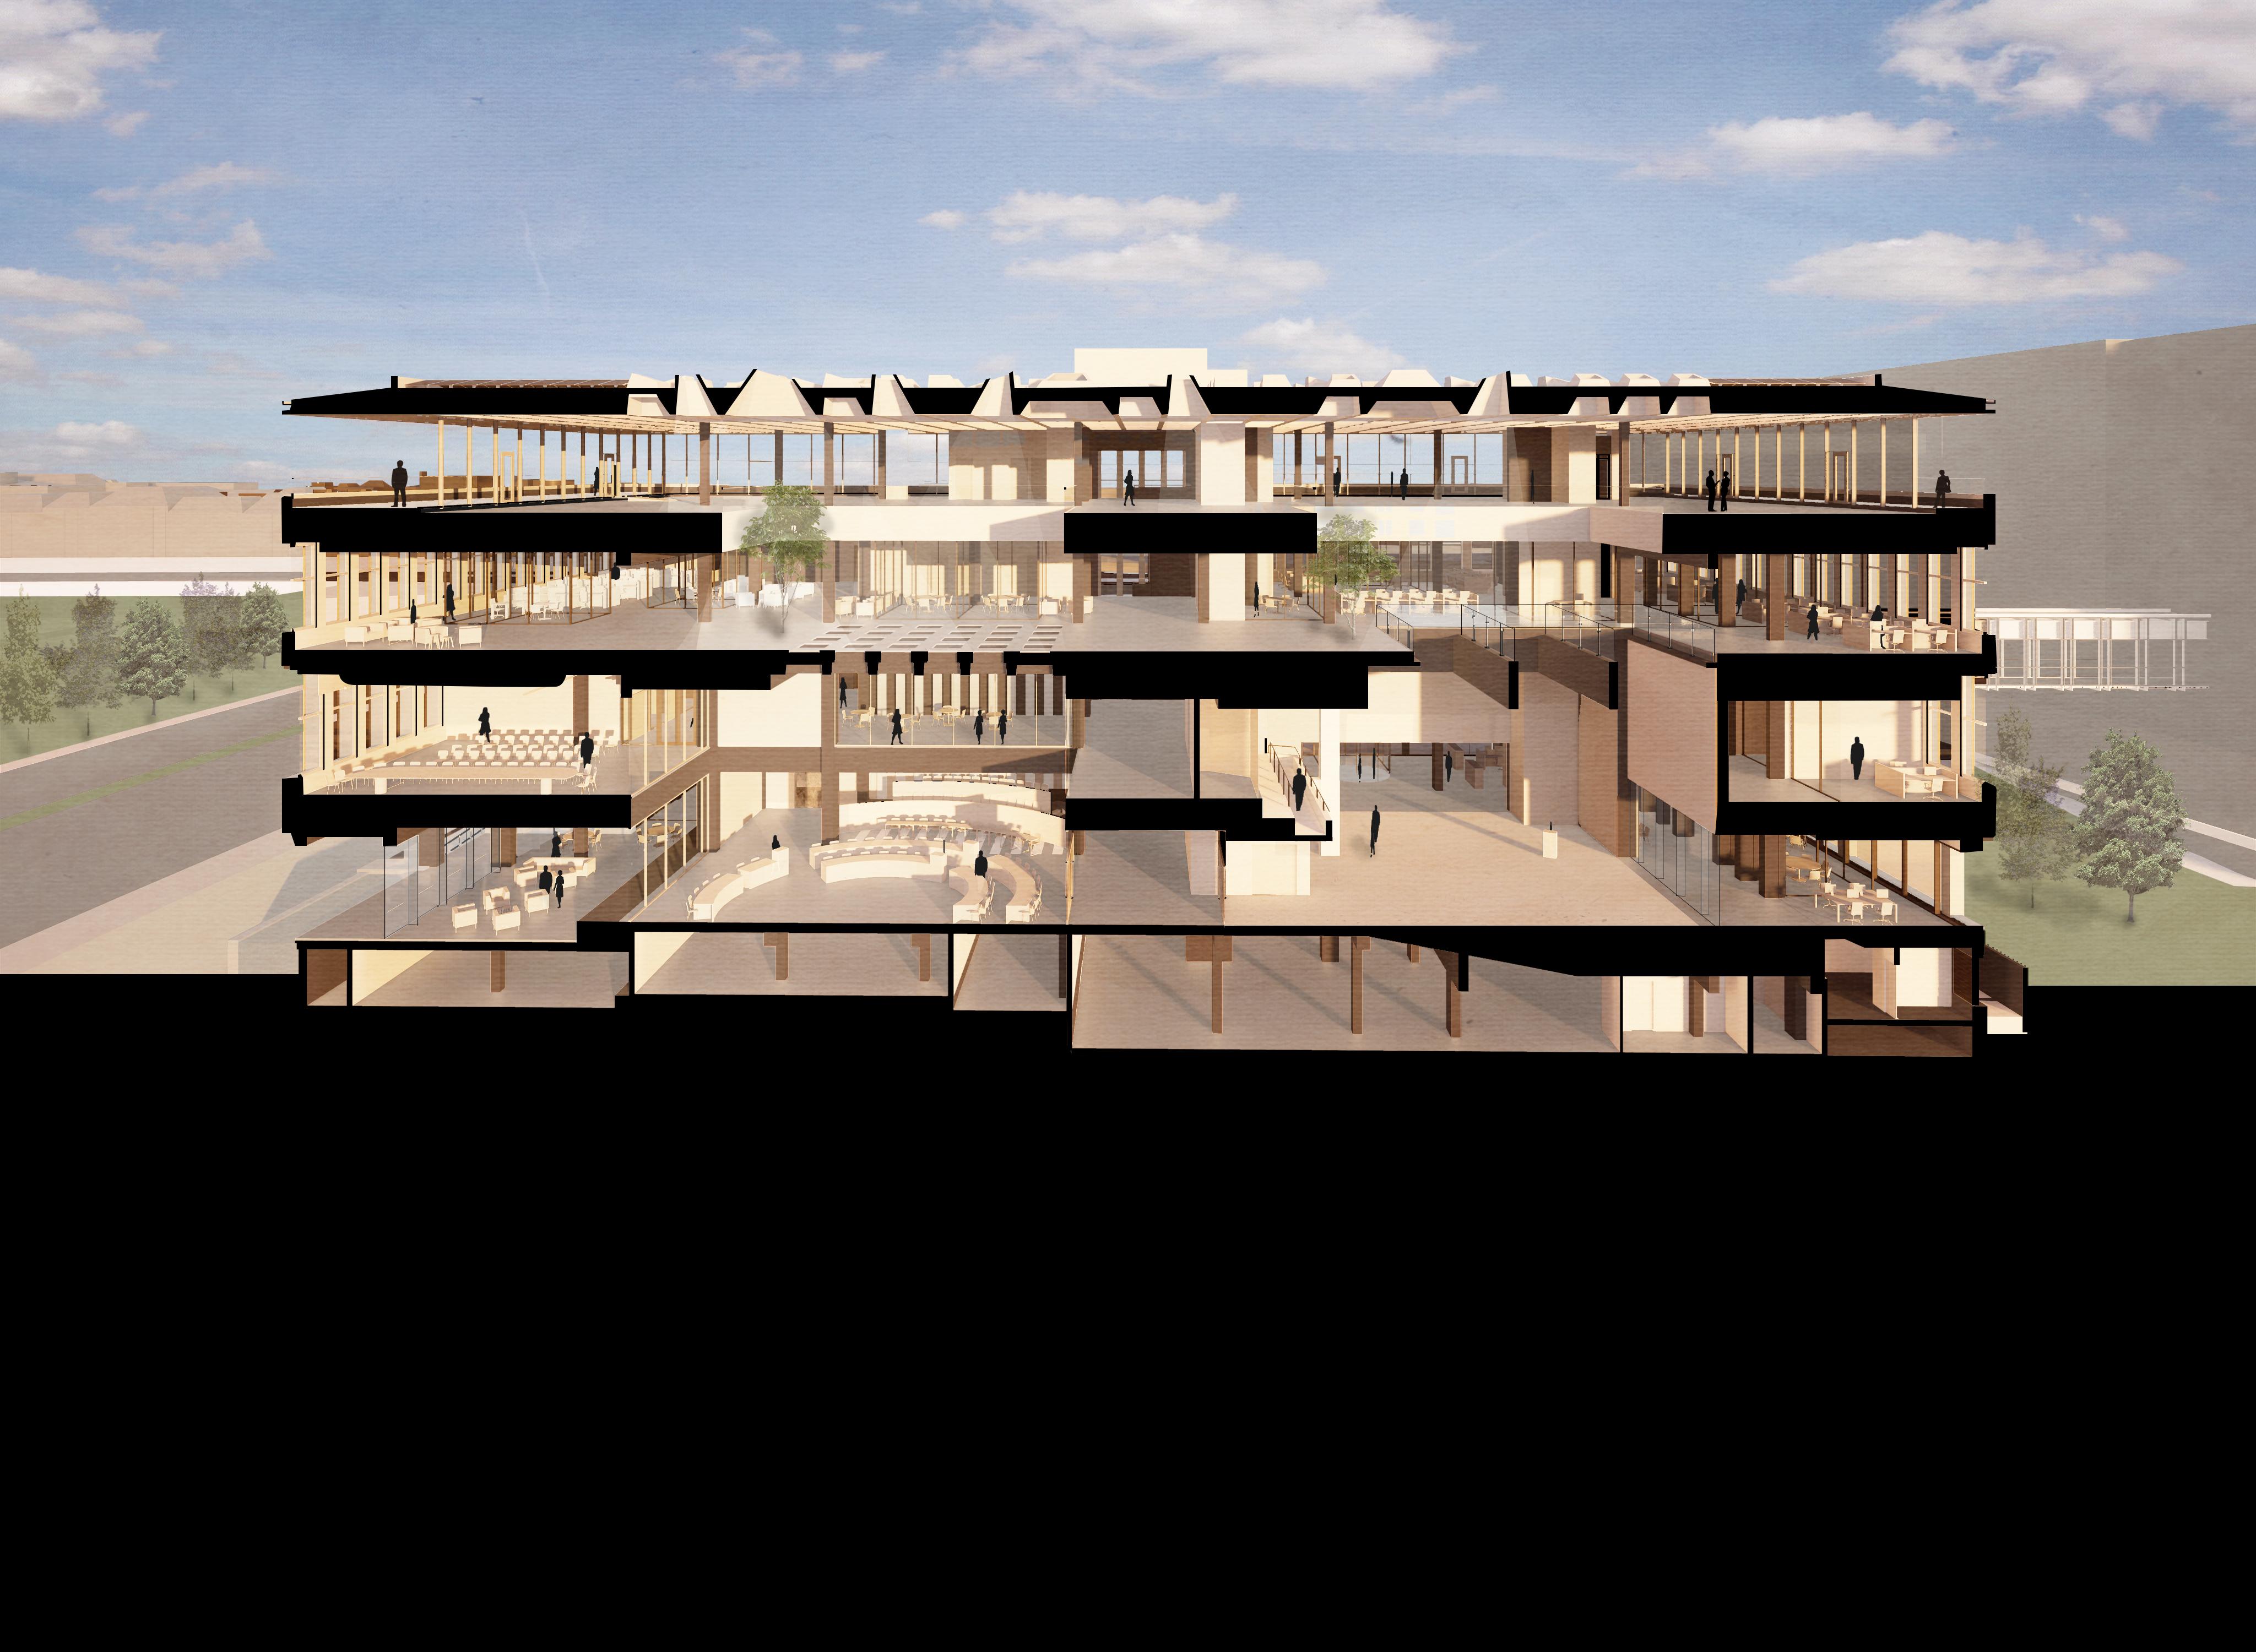 <p>De doorsnede van het gebouw vanaf de pleinkant geeft een goed beeld van de indeling en van de lichtinval. Door de keuze voor vides op de verdiepingen, voor glazen wanden en voor lichtdoorlatende vlakken op de tweede etage, wordt het hoofdgebouw een buitengewoon open en licht gebouw</p>